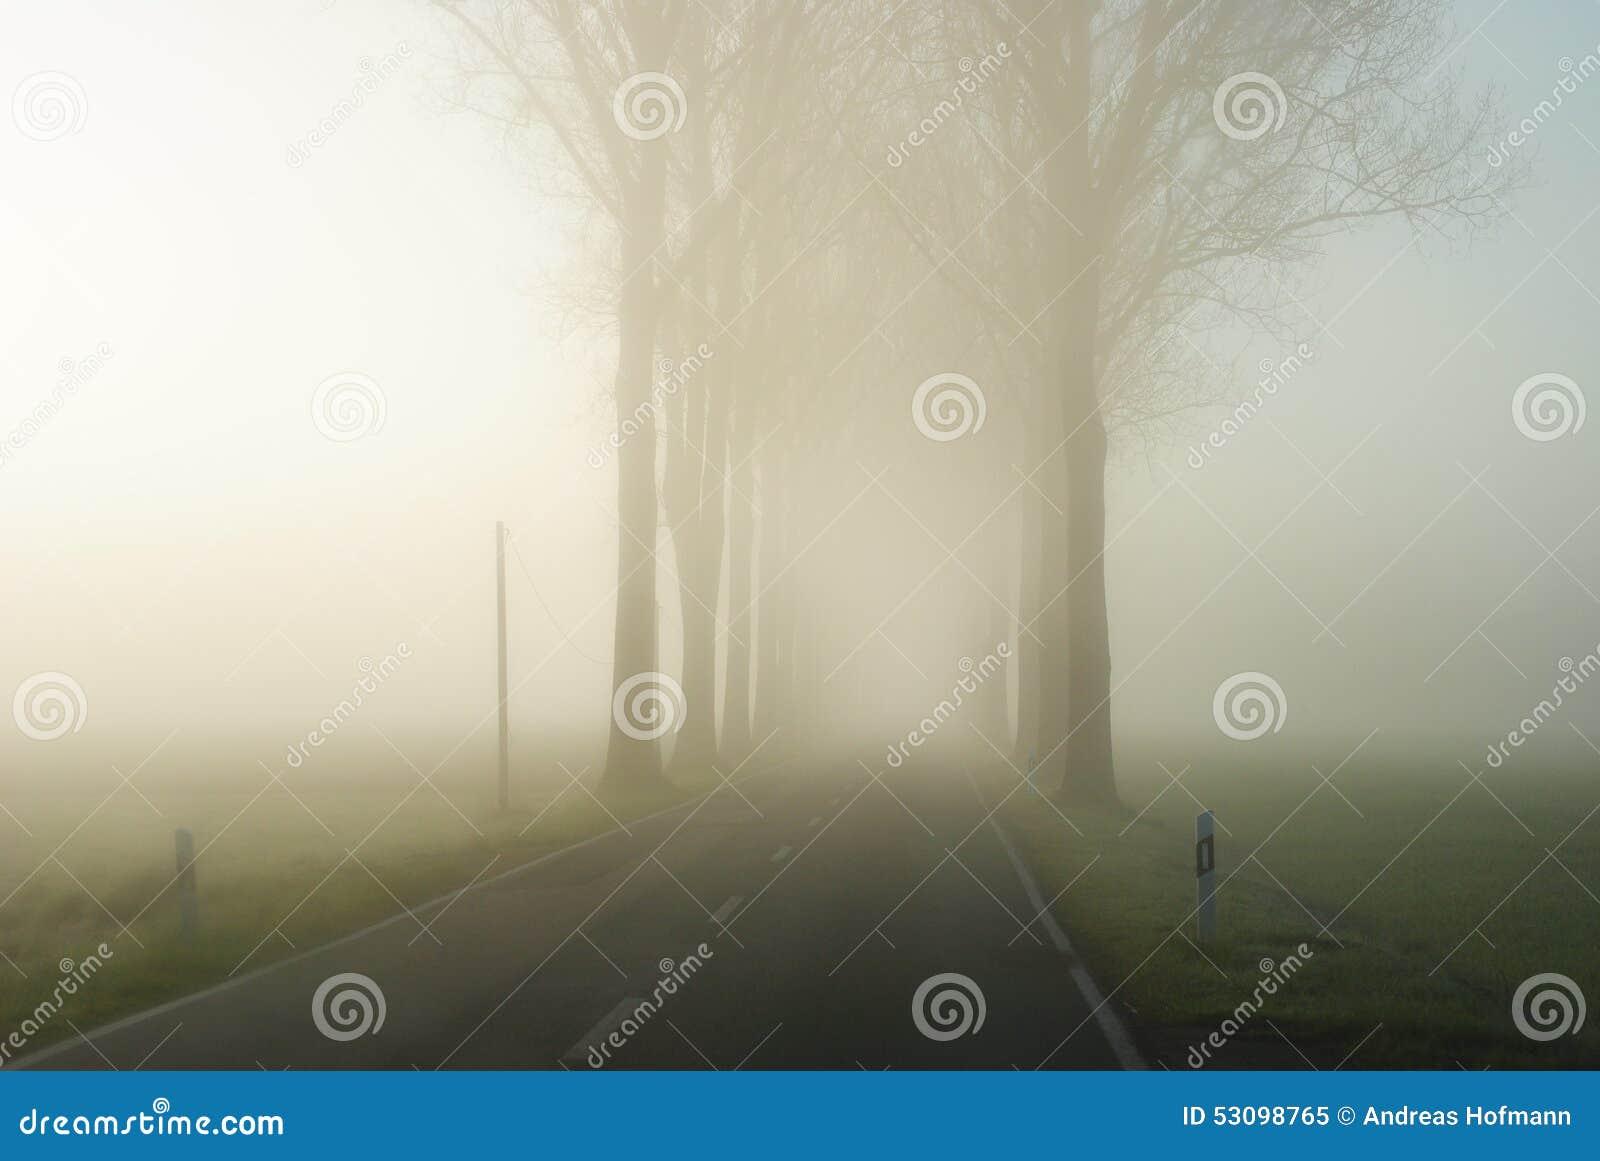 Landweg in een eindeloos landelijk landschap met een rij van naakte bomen